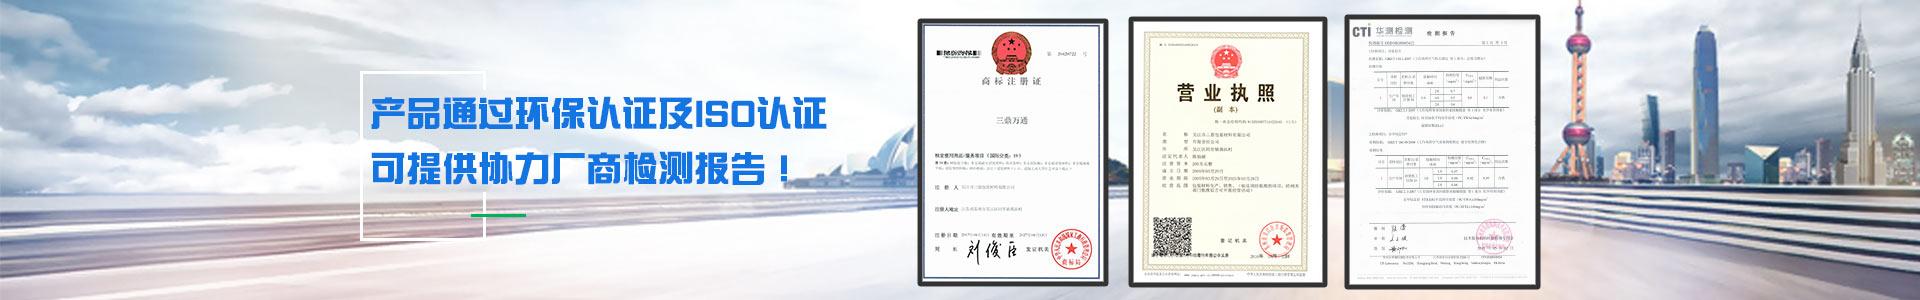 三鼎产品通过环保认证和ISO认证